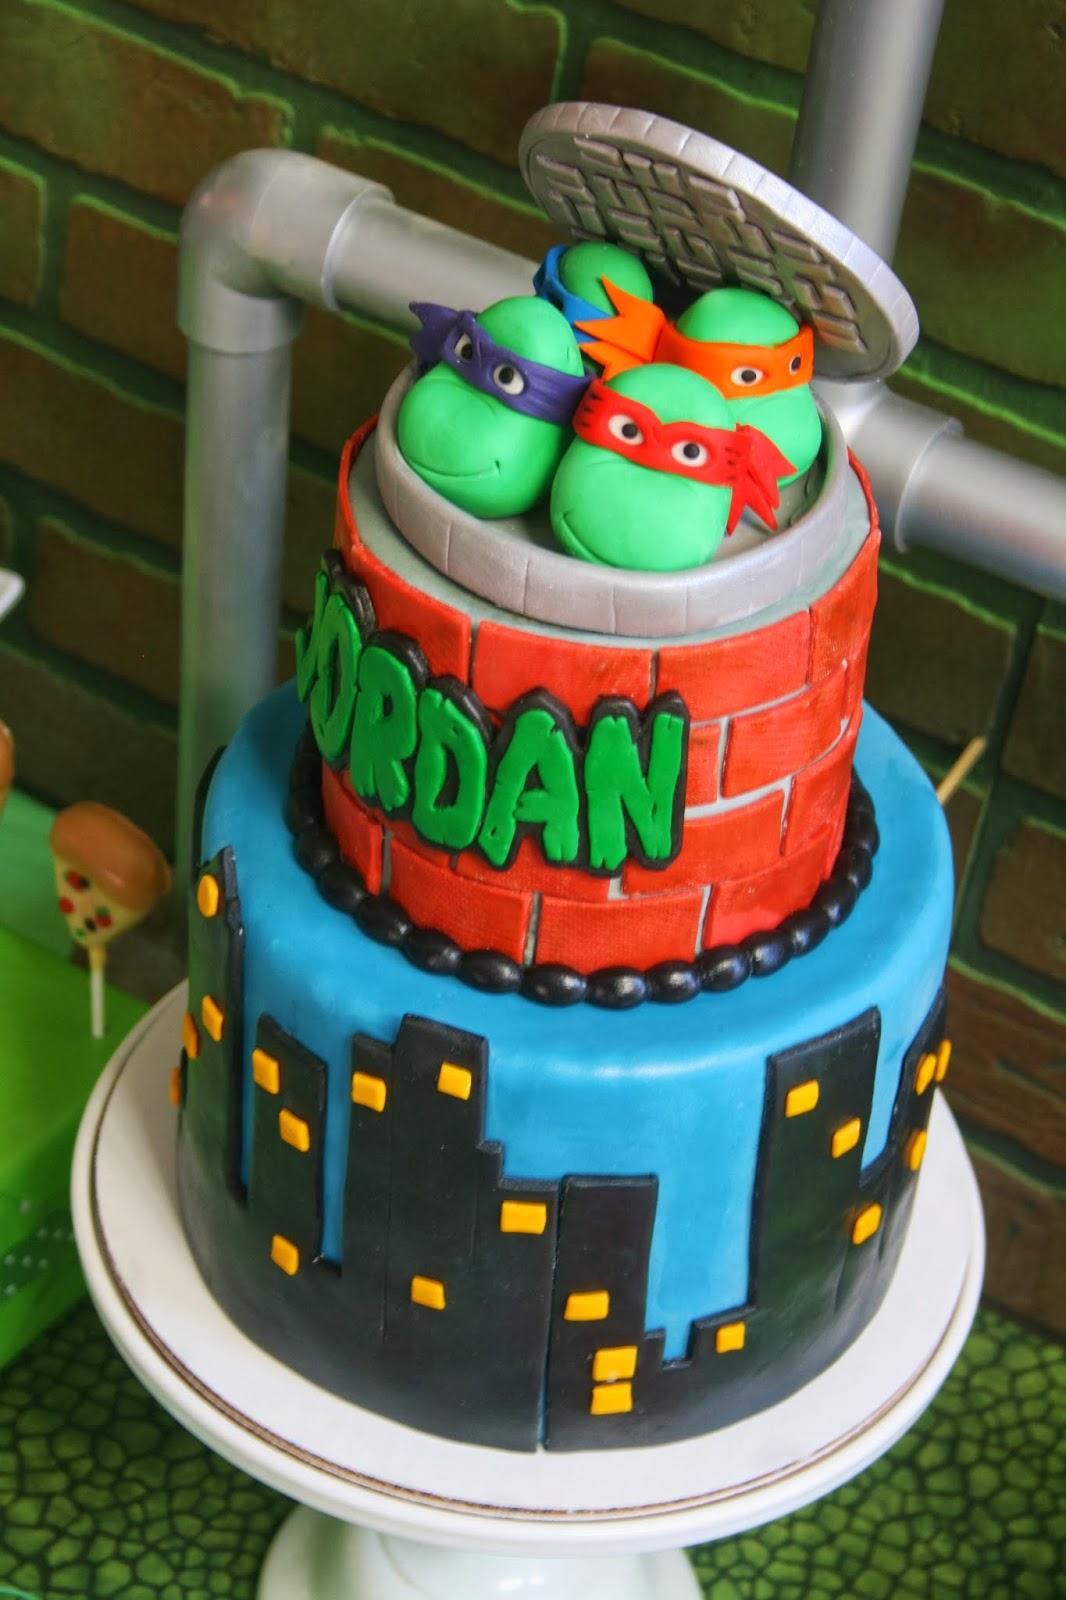 8 Decorating Ideas Teenage Mutant Ninja Turtles Cakes Photo